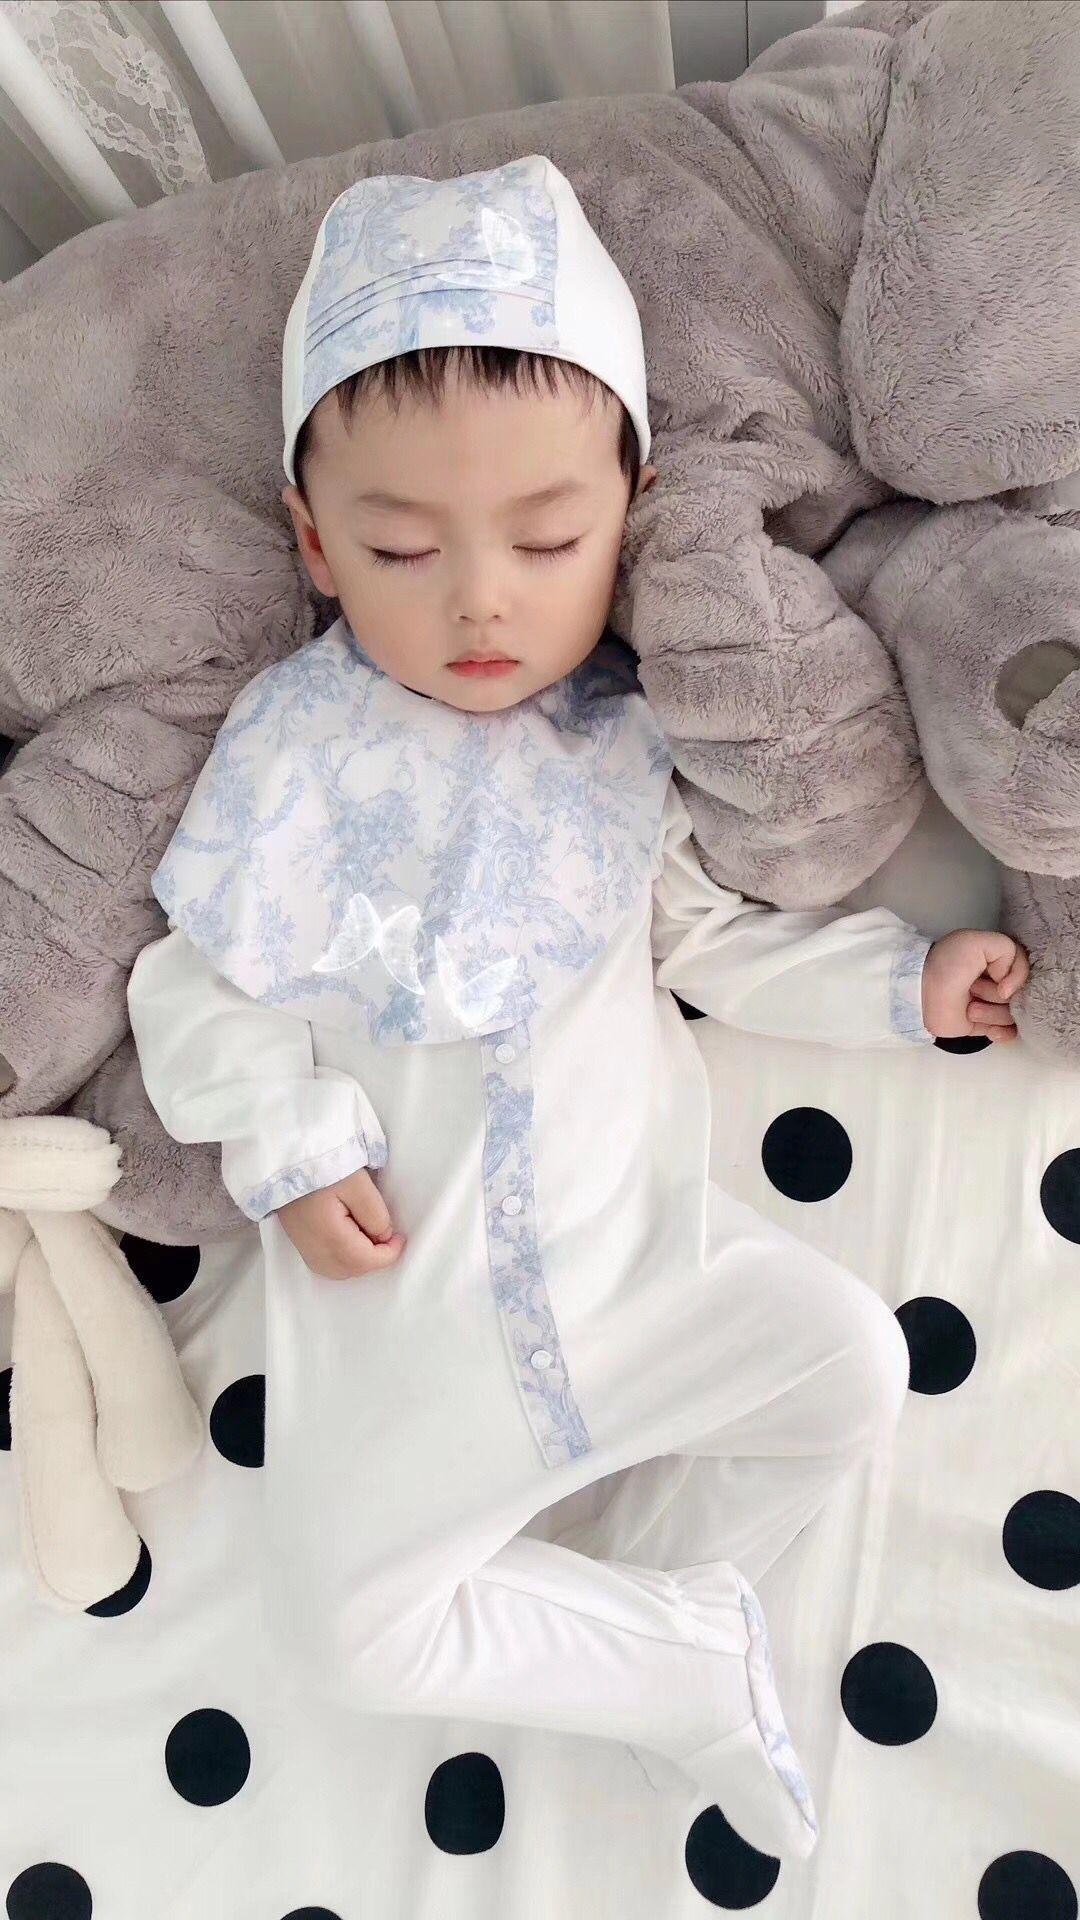 2021 Yeni Bebek Romper Bebek Kız Şapka Için Set + Bib + Romper Cltohing Set Bebek Çiçek Tulumlar Yenidoğan Sonrası